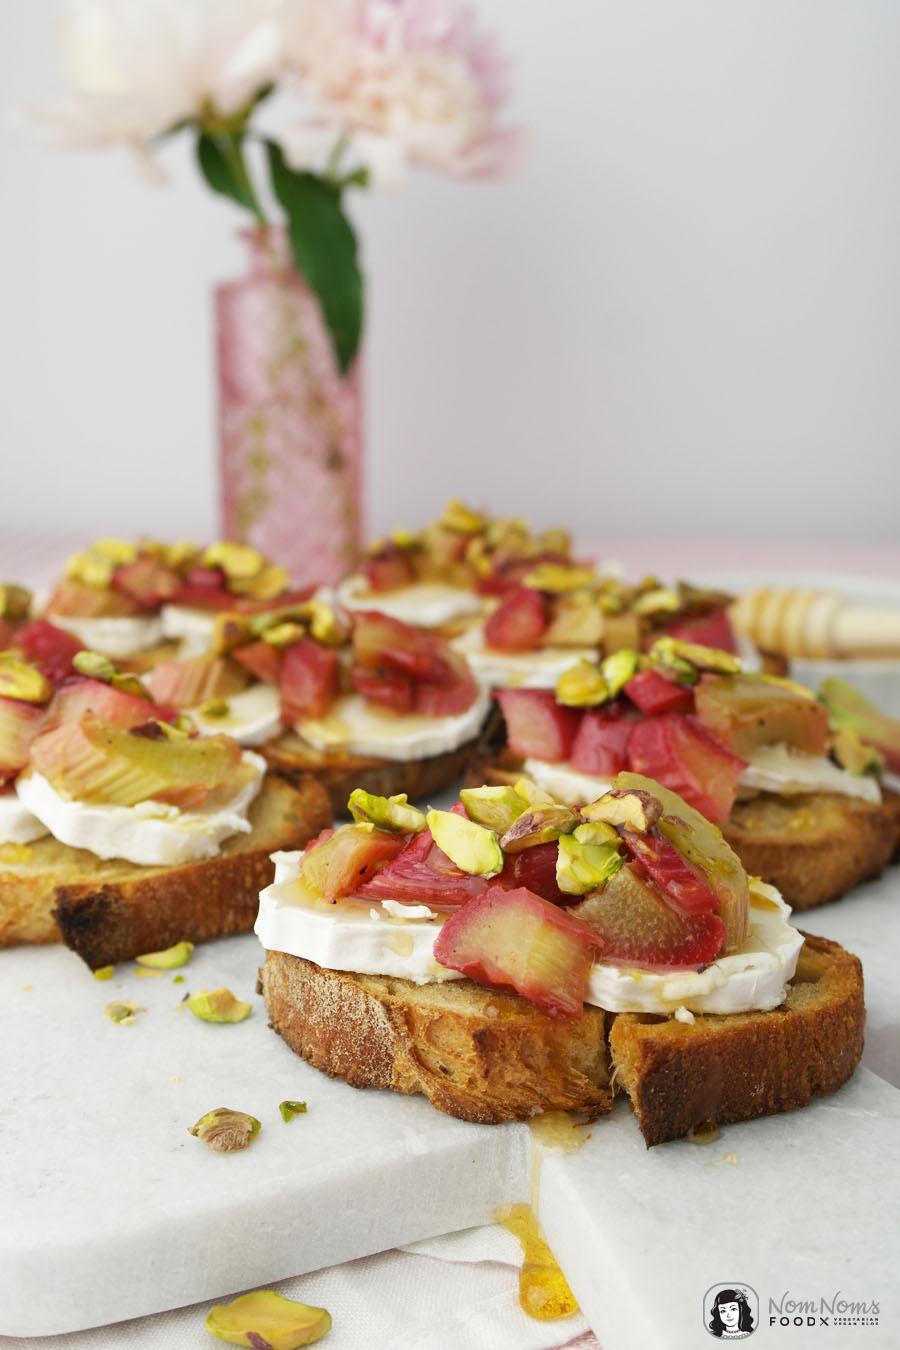 Crostini mit Ofen-Rhabarber, Ziegenkäse, Pistazien und Honig | vegetarisch | Baguette